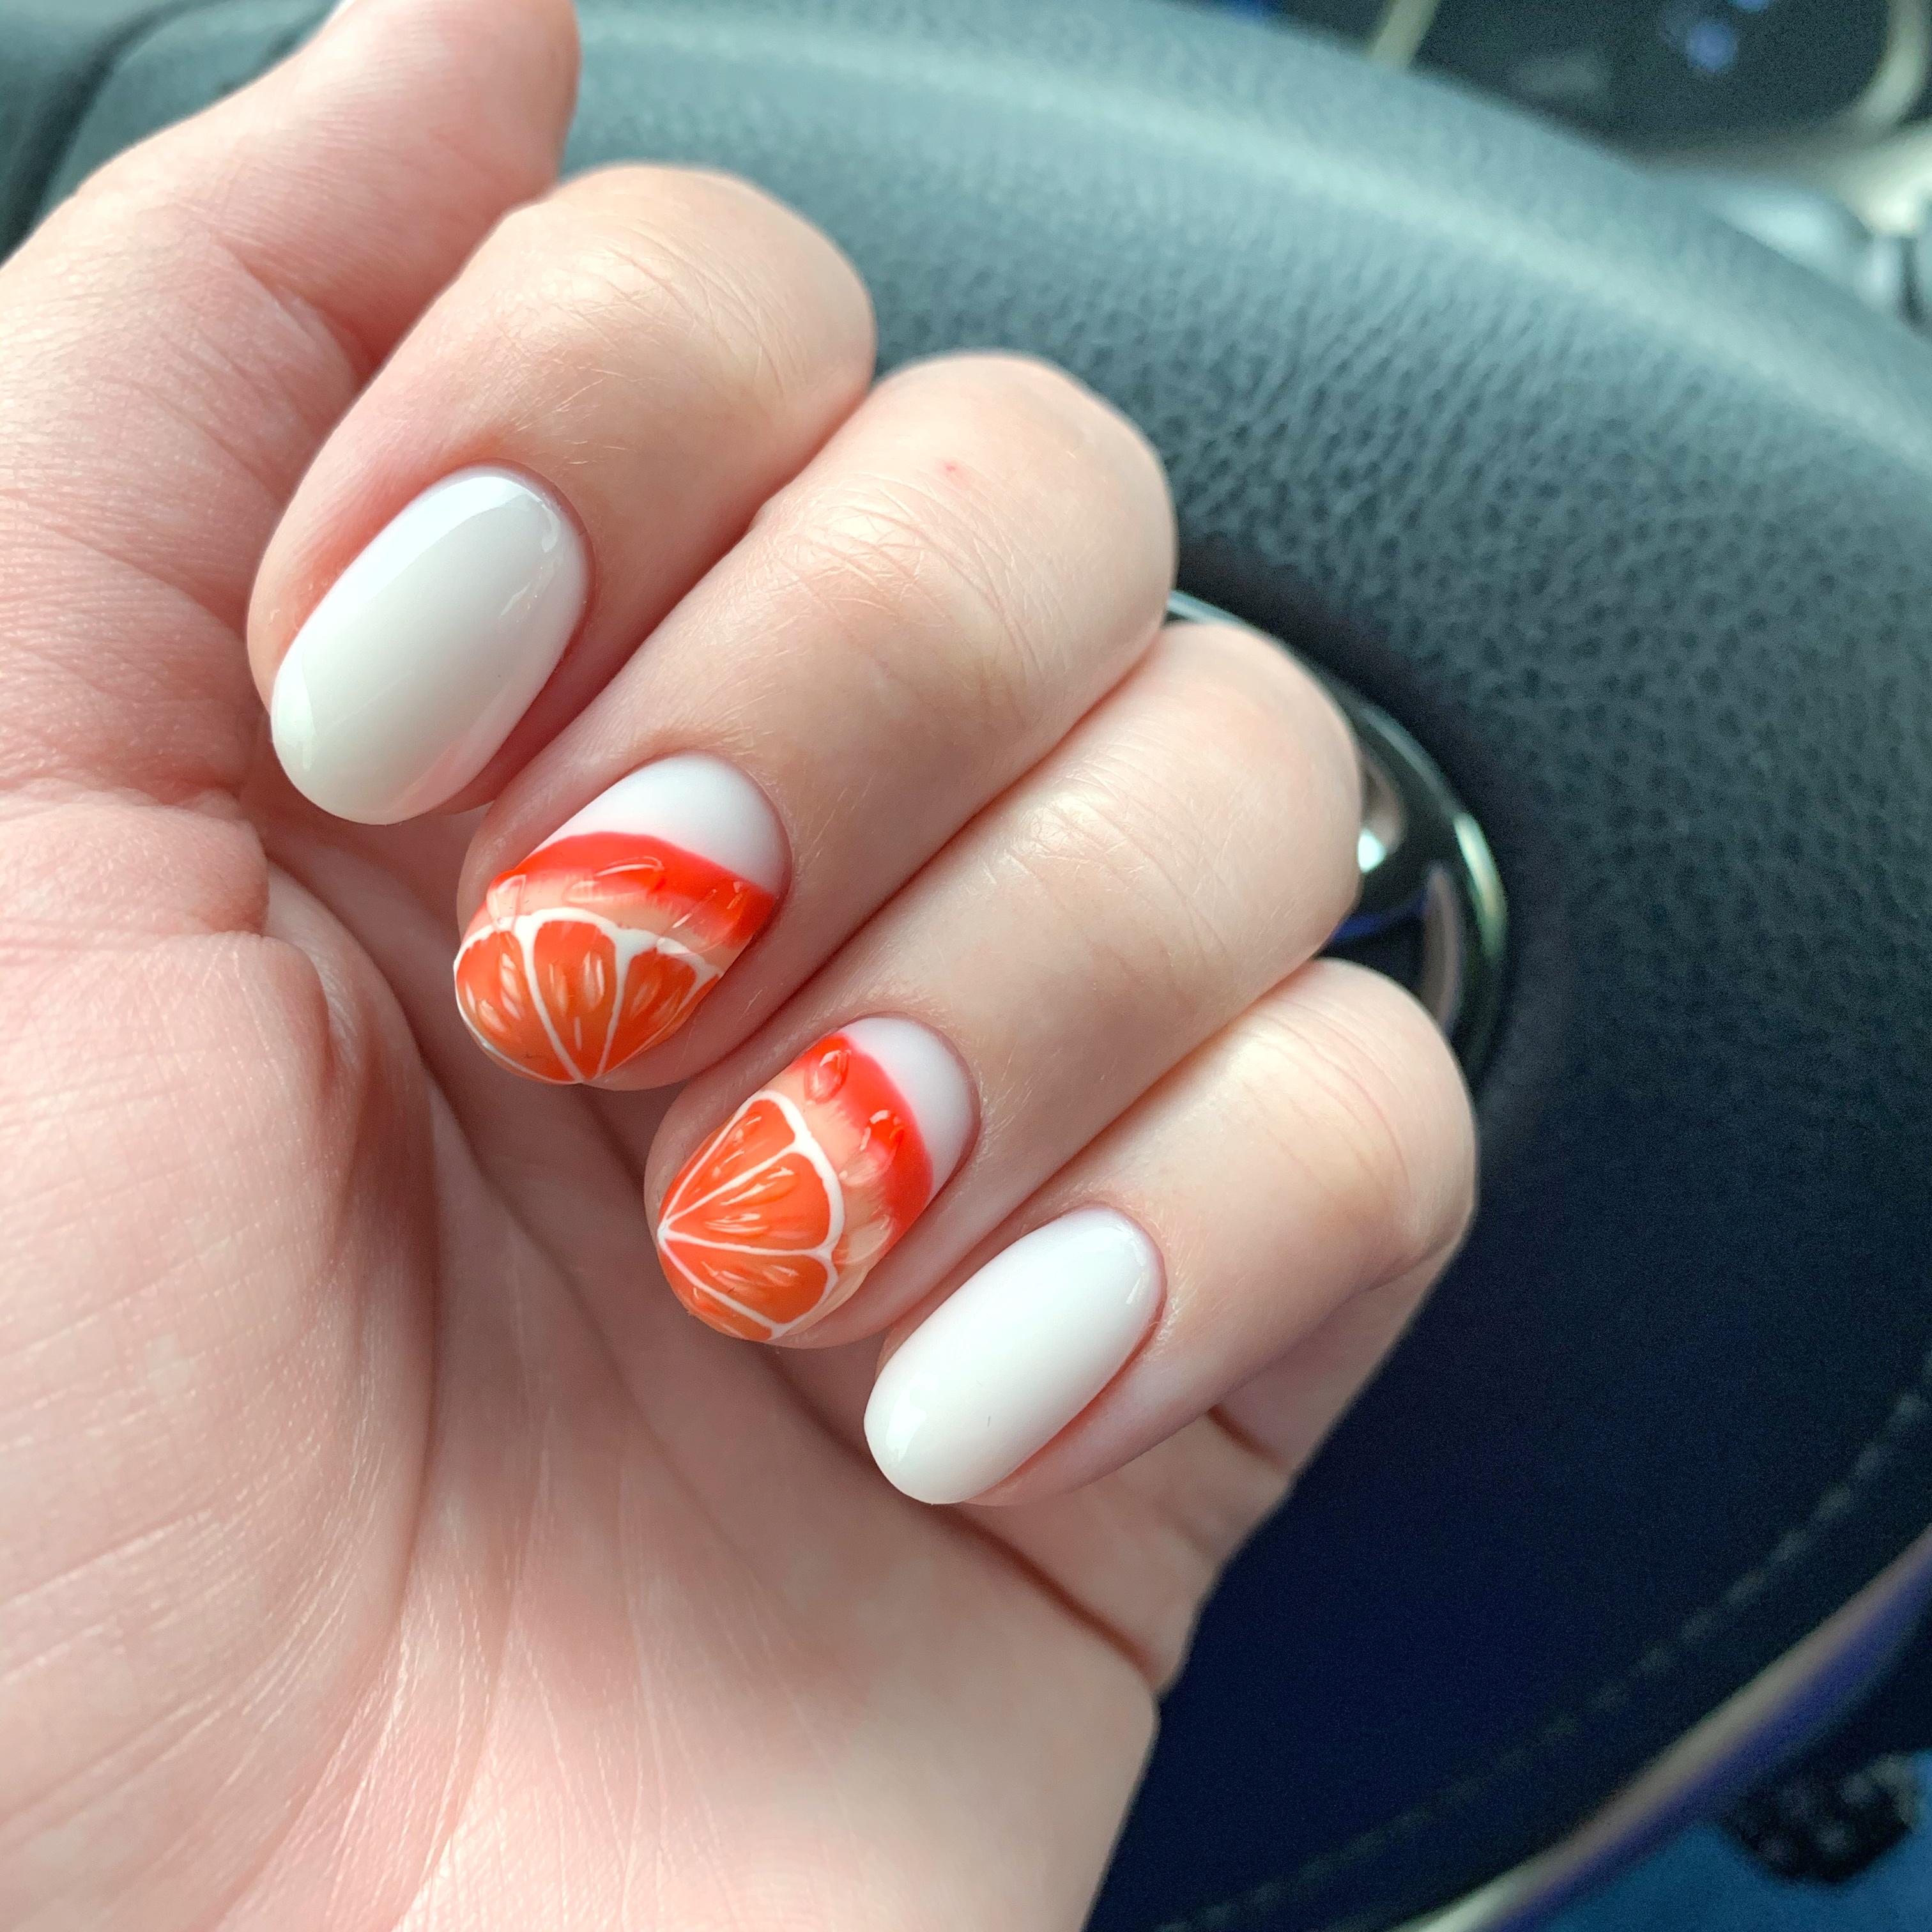 Маникюр с фруктовым рисунком в белом цвете на короткие ногти.